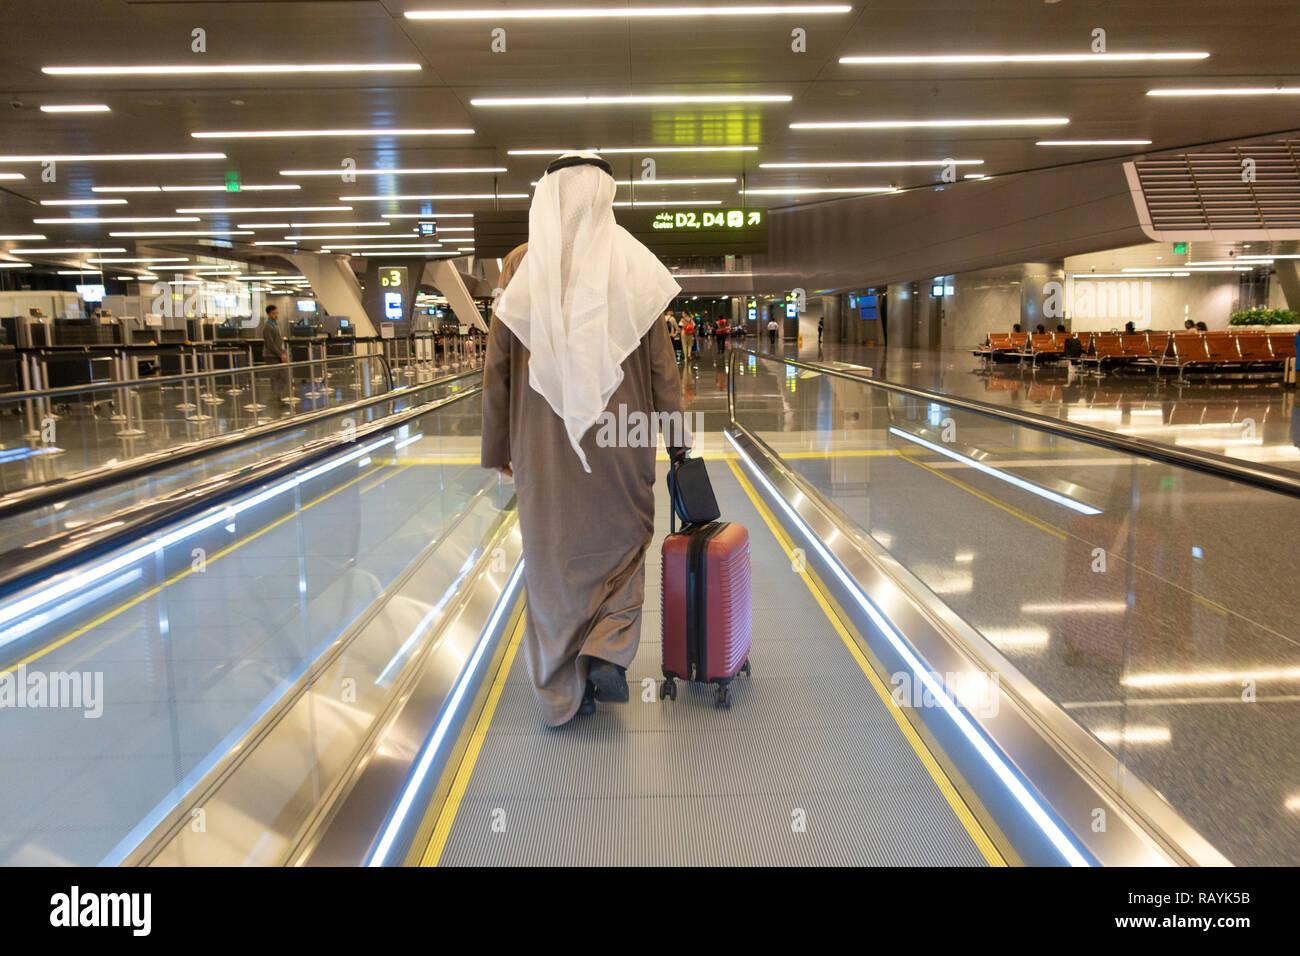 Passagers arabes sur tapis roulant au terminal de l'Aéroport International Hamad moderne à Doha, Qatar Banque D'Images